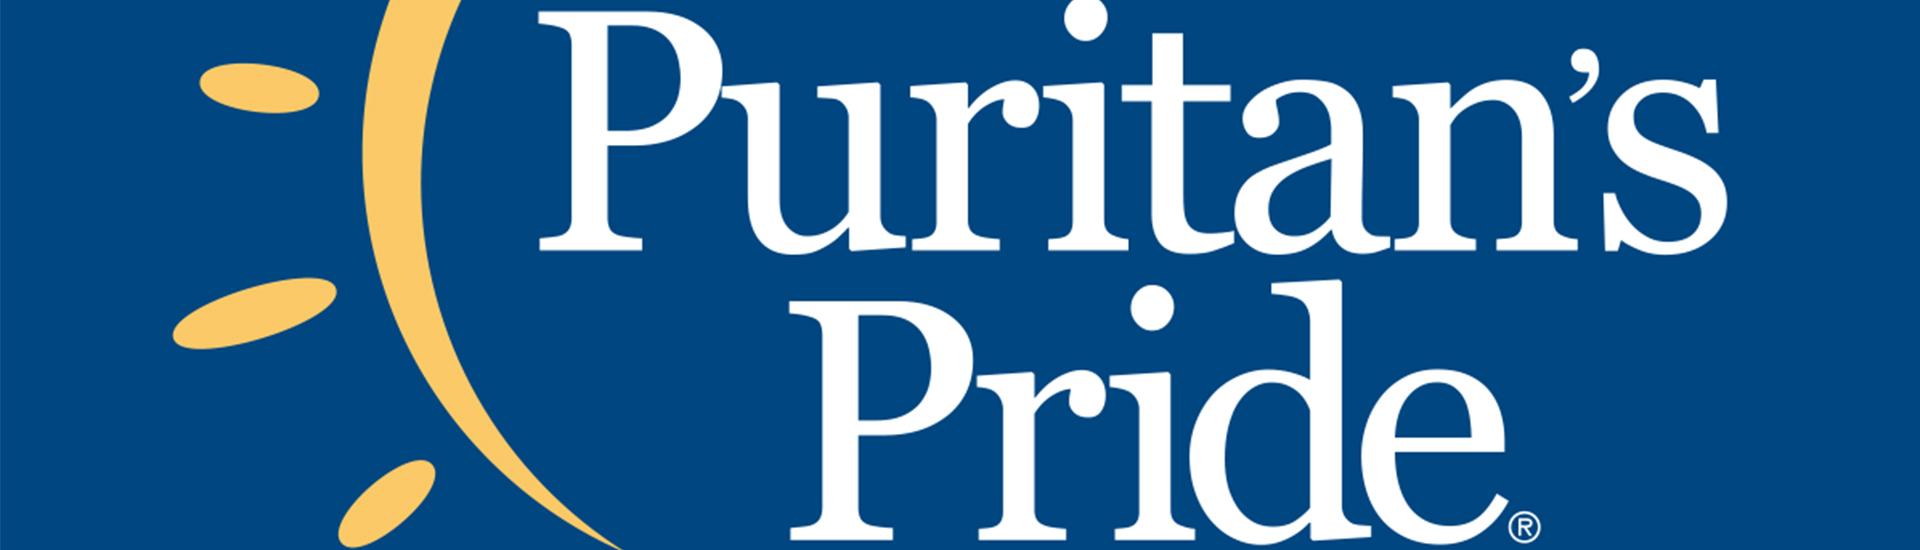 Puritan's Pride Ürünleri Nasıl Getirtilir